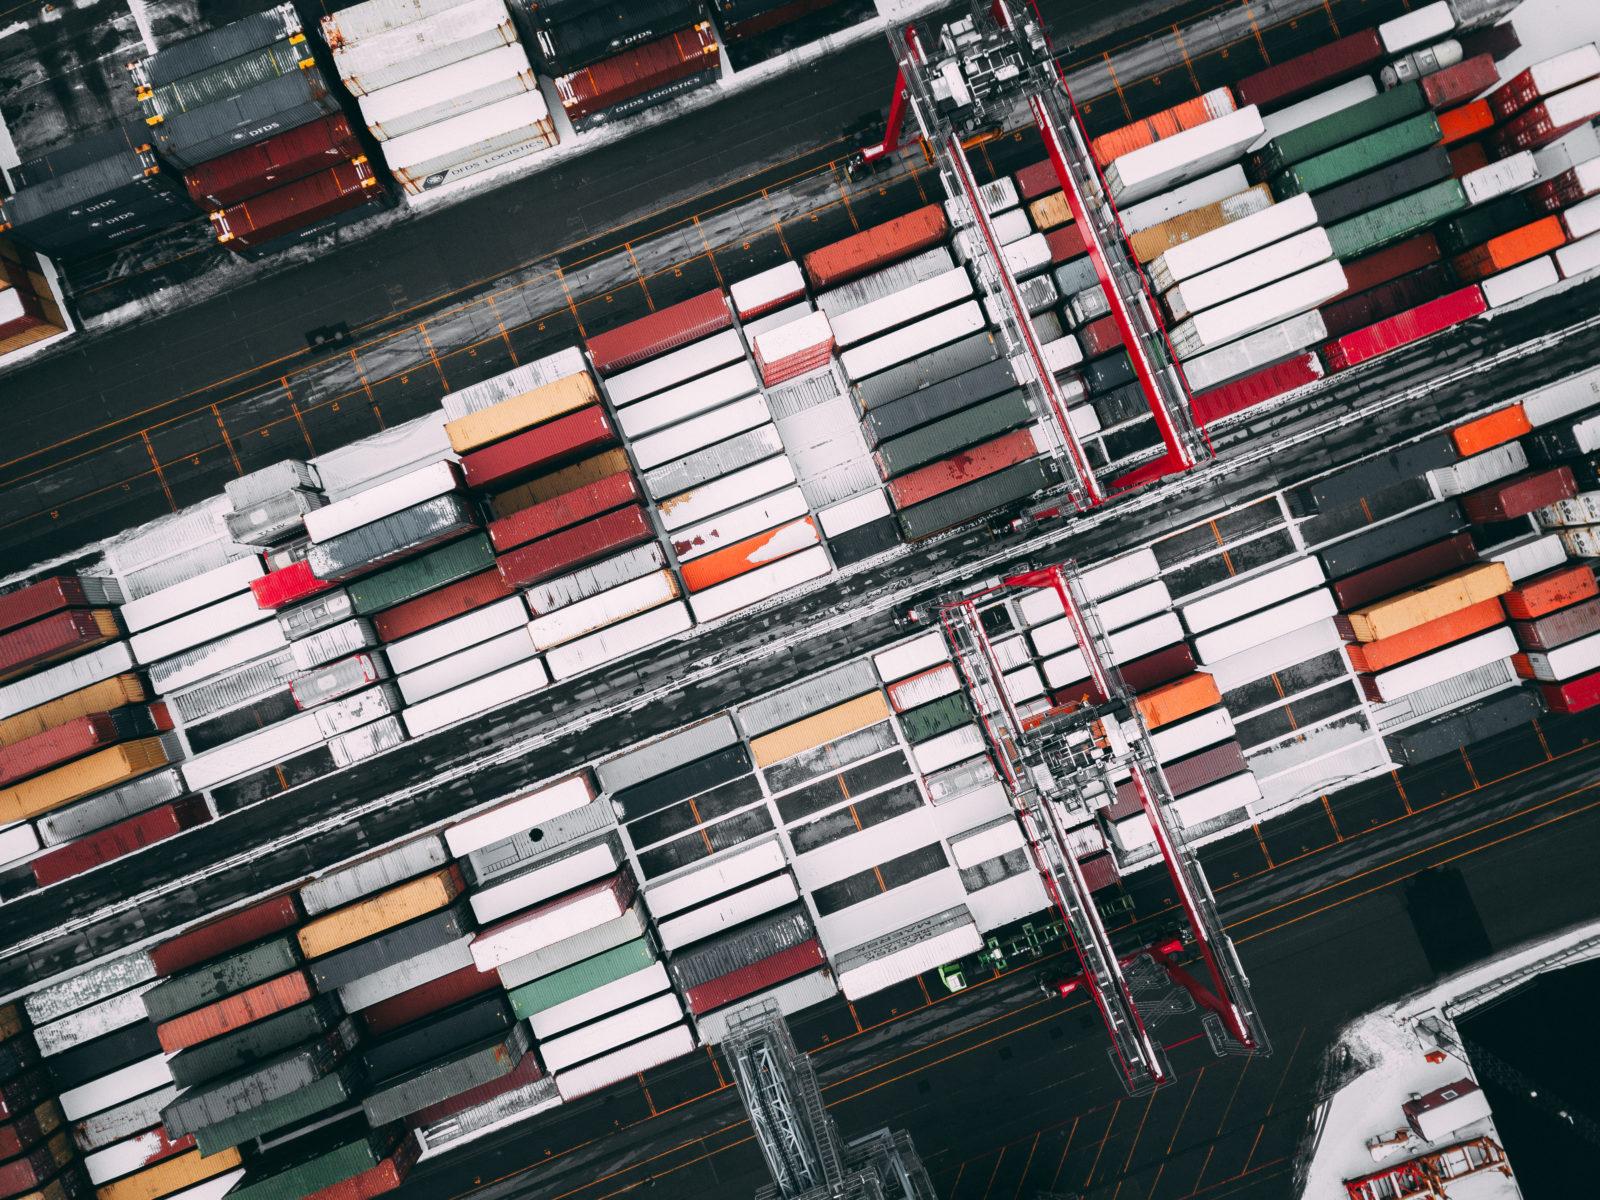 债市分析:当金融去杠杆遇到贸易战